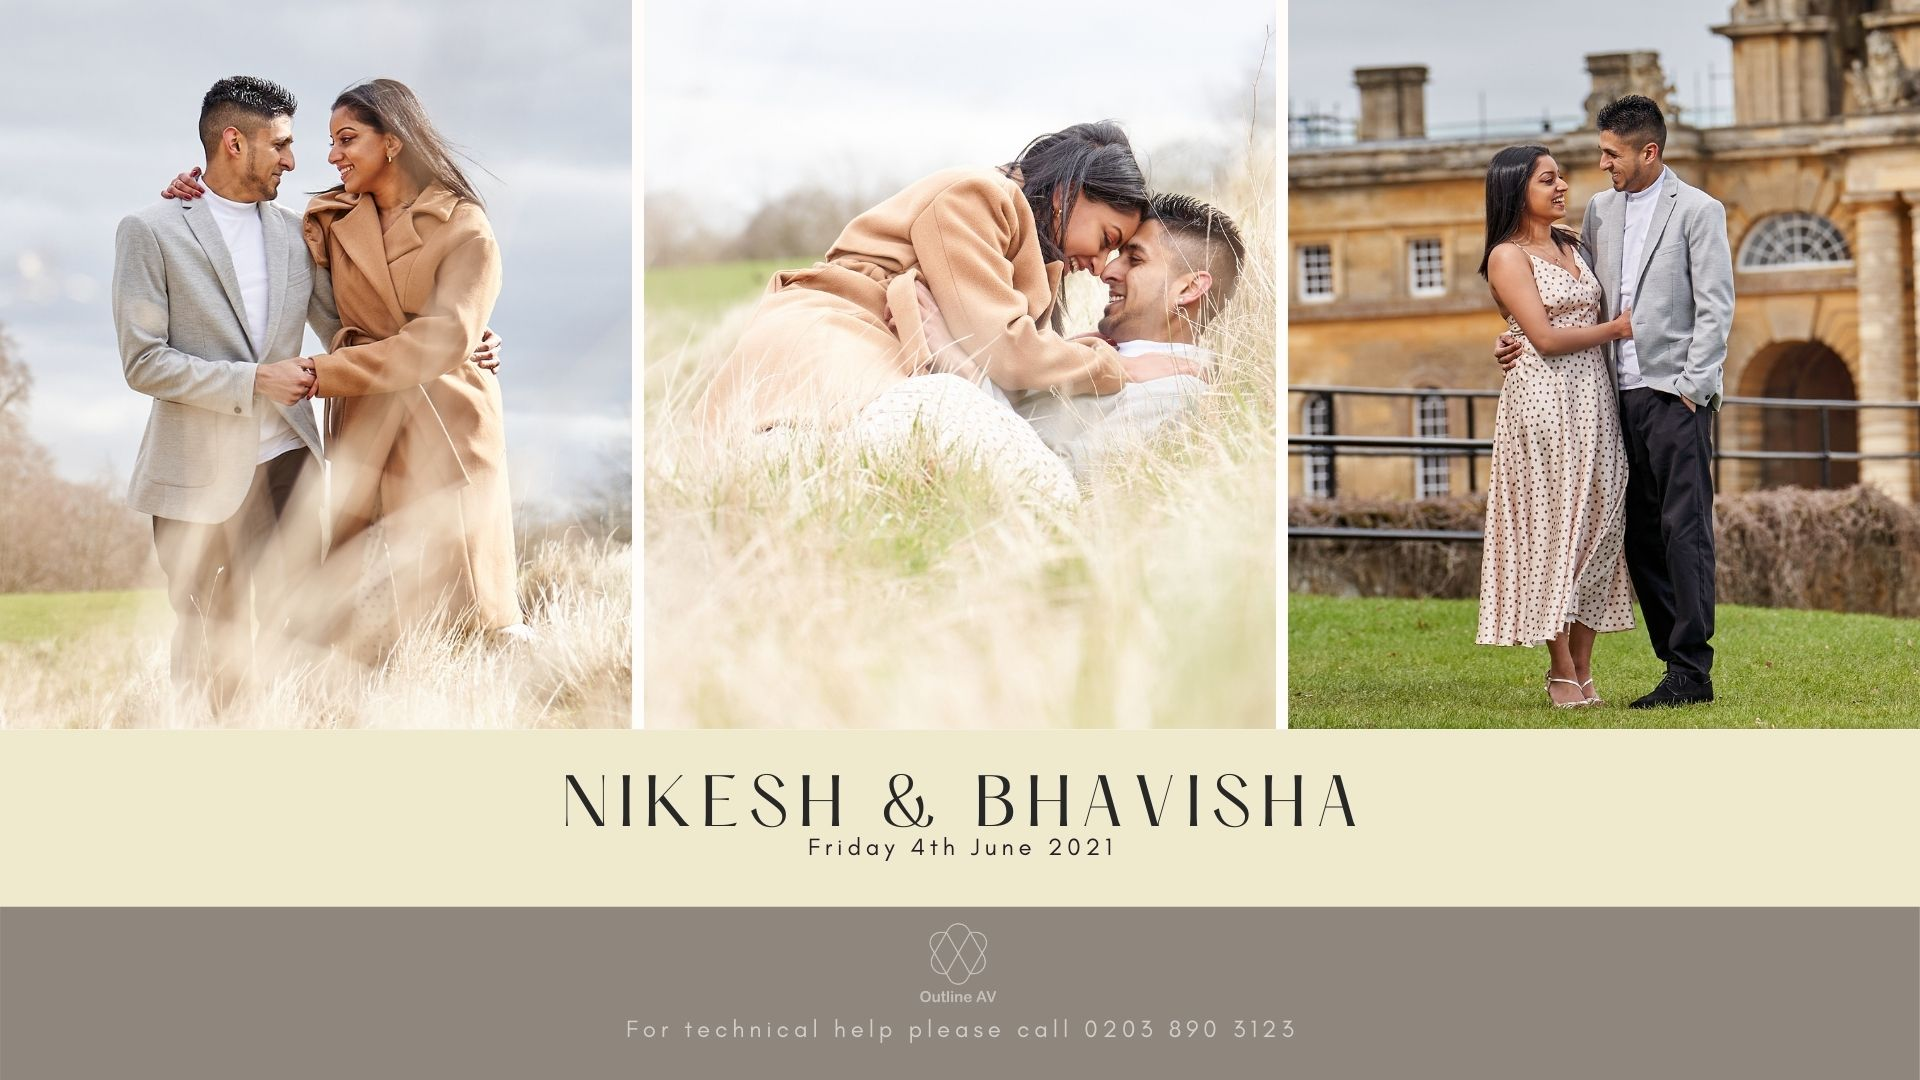 Nikesh & Bhavisha - Live Stream